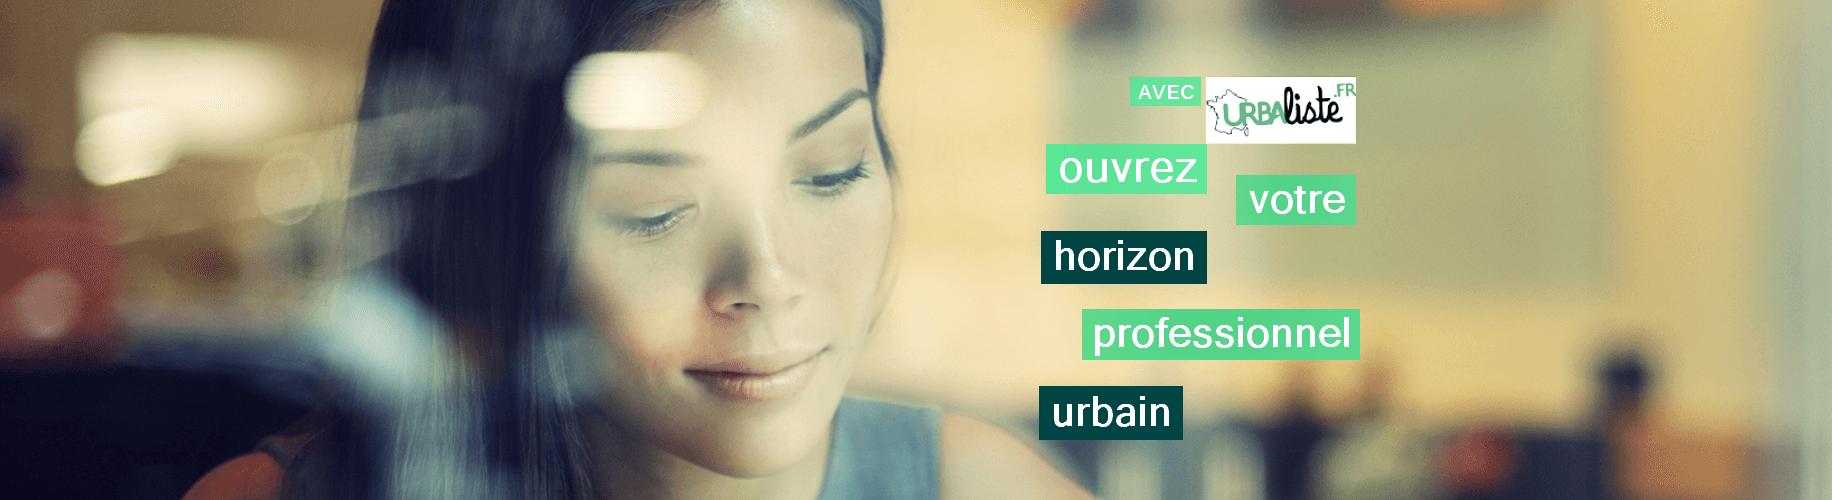 Ouvrez votre horizon urbain avec nos outils !